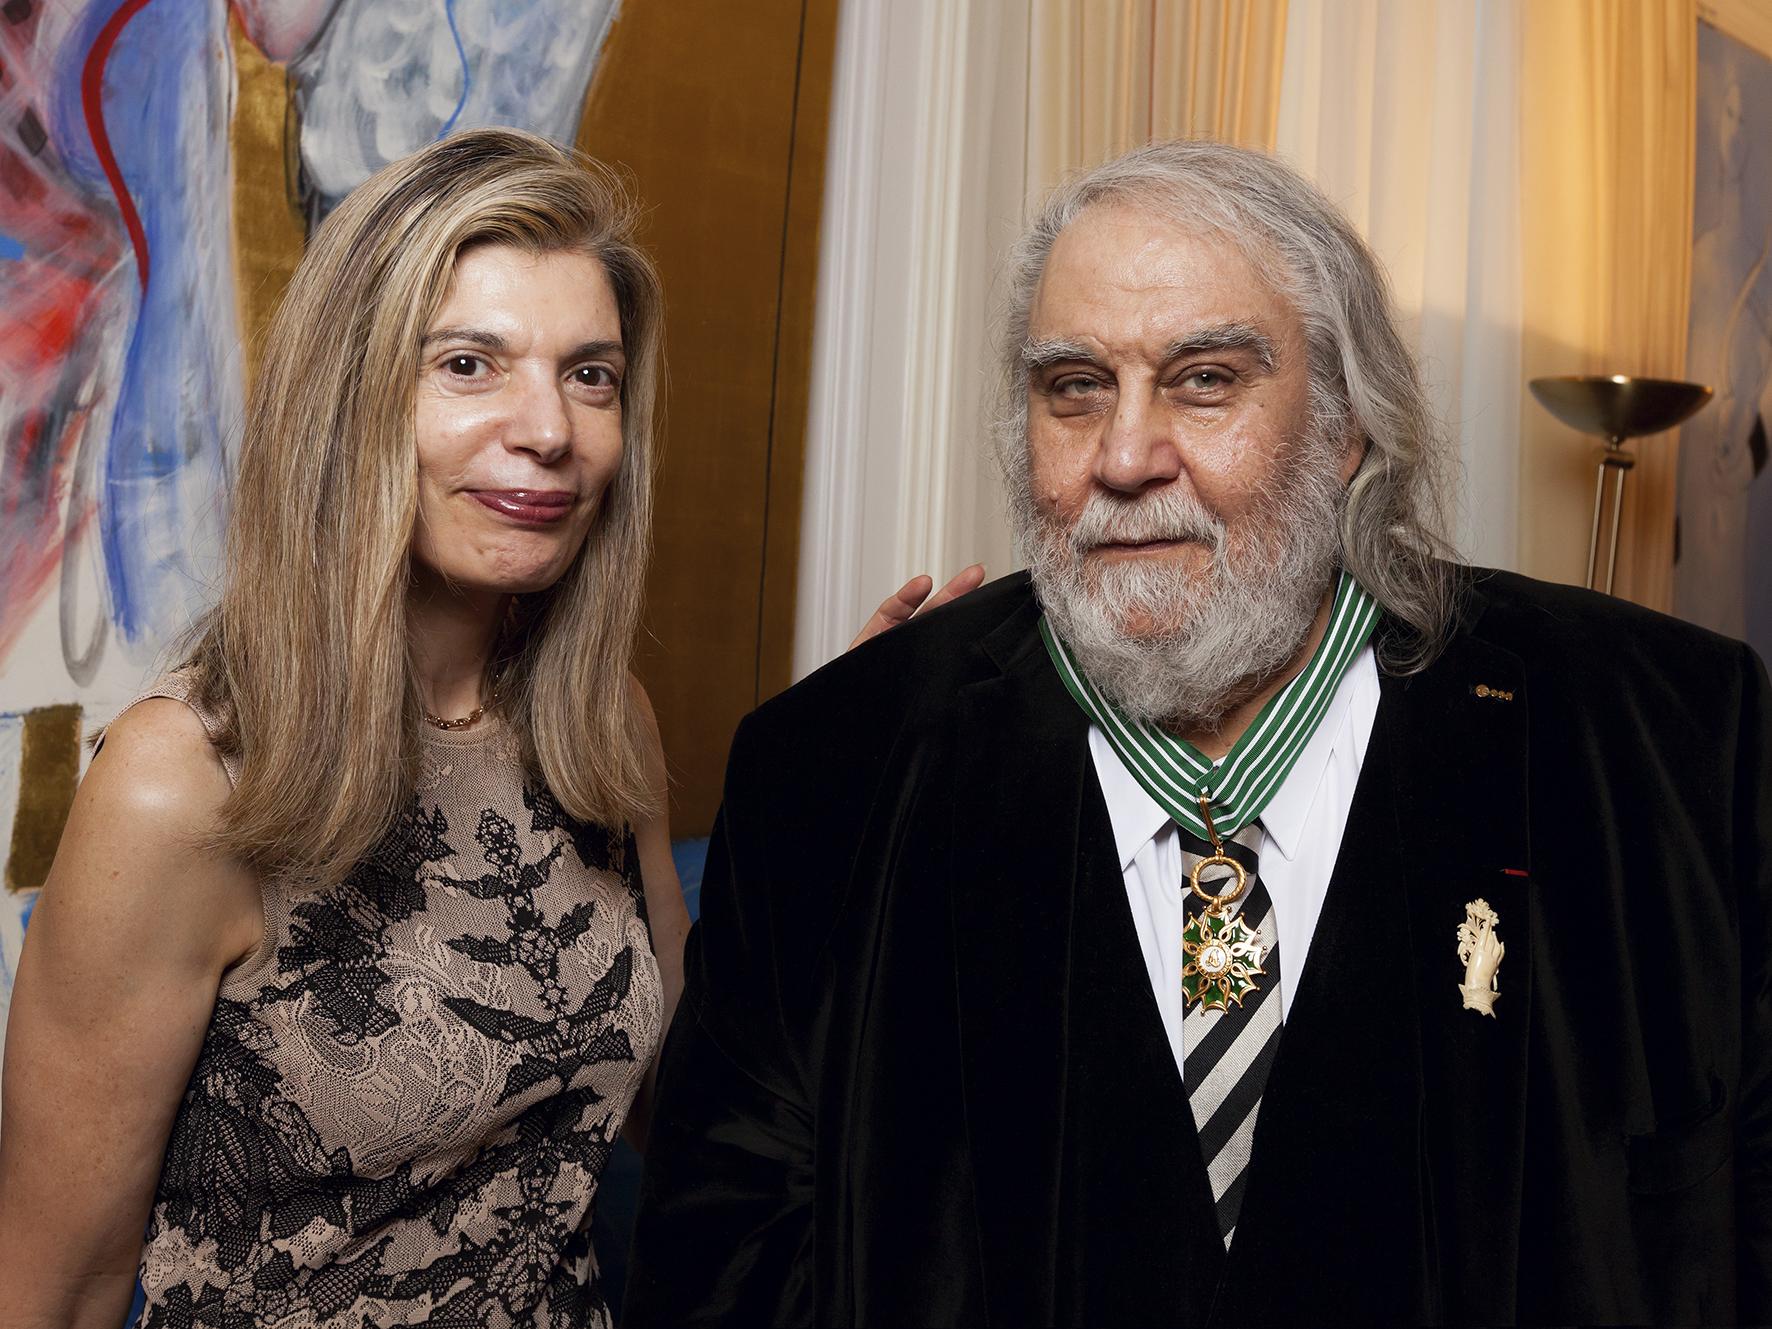 Vangelis et Ambassadrice de Grèce02.jpg